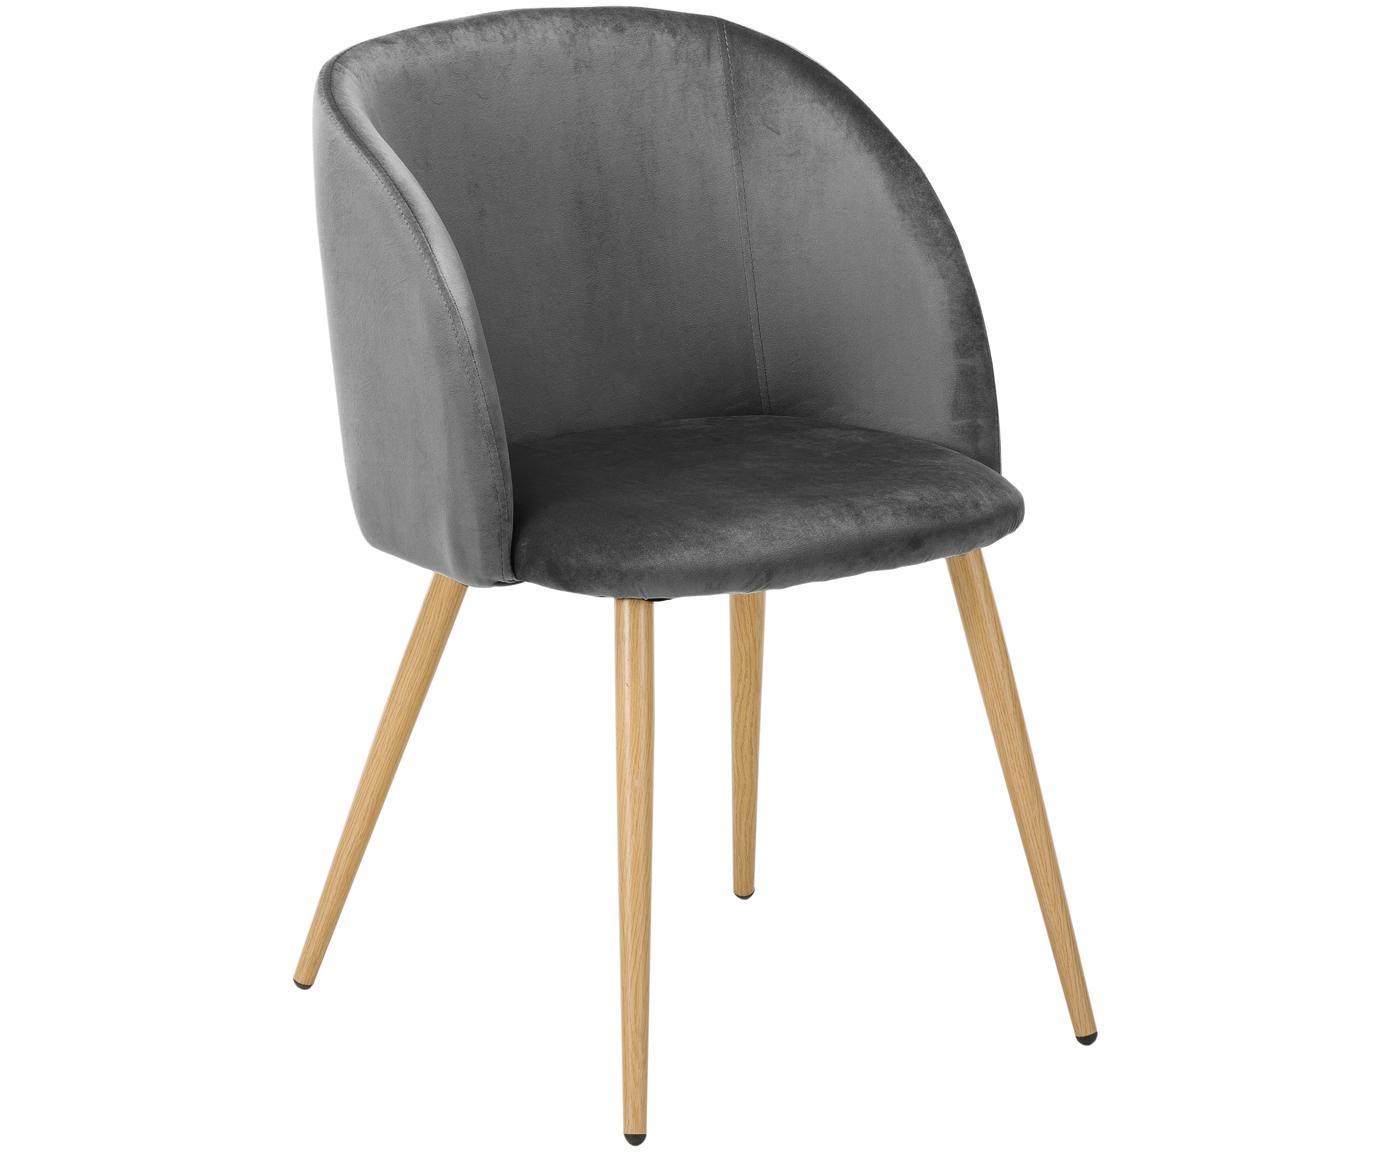 Sedia imbottita in velluto Yoki 2 pz, Rivestimento: velluto (poliestere) 20.0, Gambe: metallo effetto rovere, Velluto grigio scuro, gambe legno di quercia, Larg. 53 x Prof. 57 cm